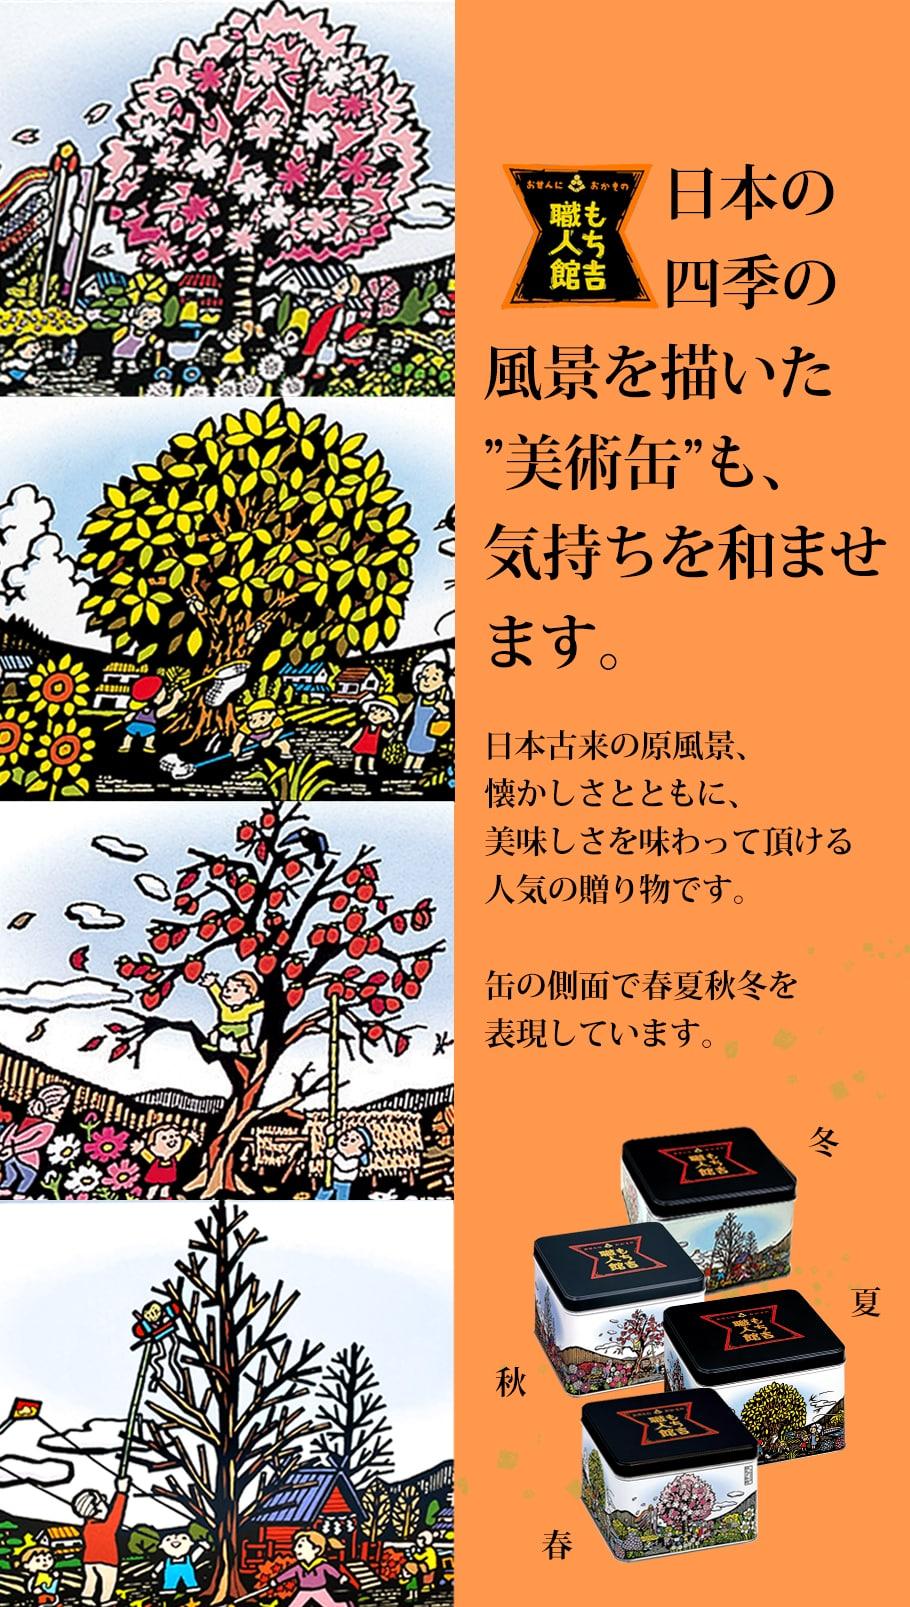 """日本の四季の風景を描いた""""美術缶""""も、気持ちを和ませます。"""